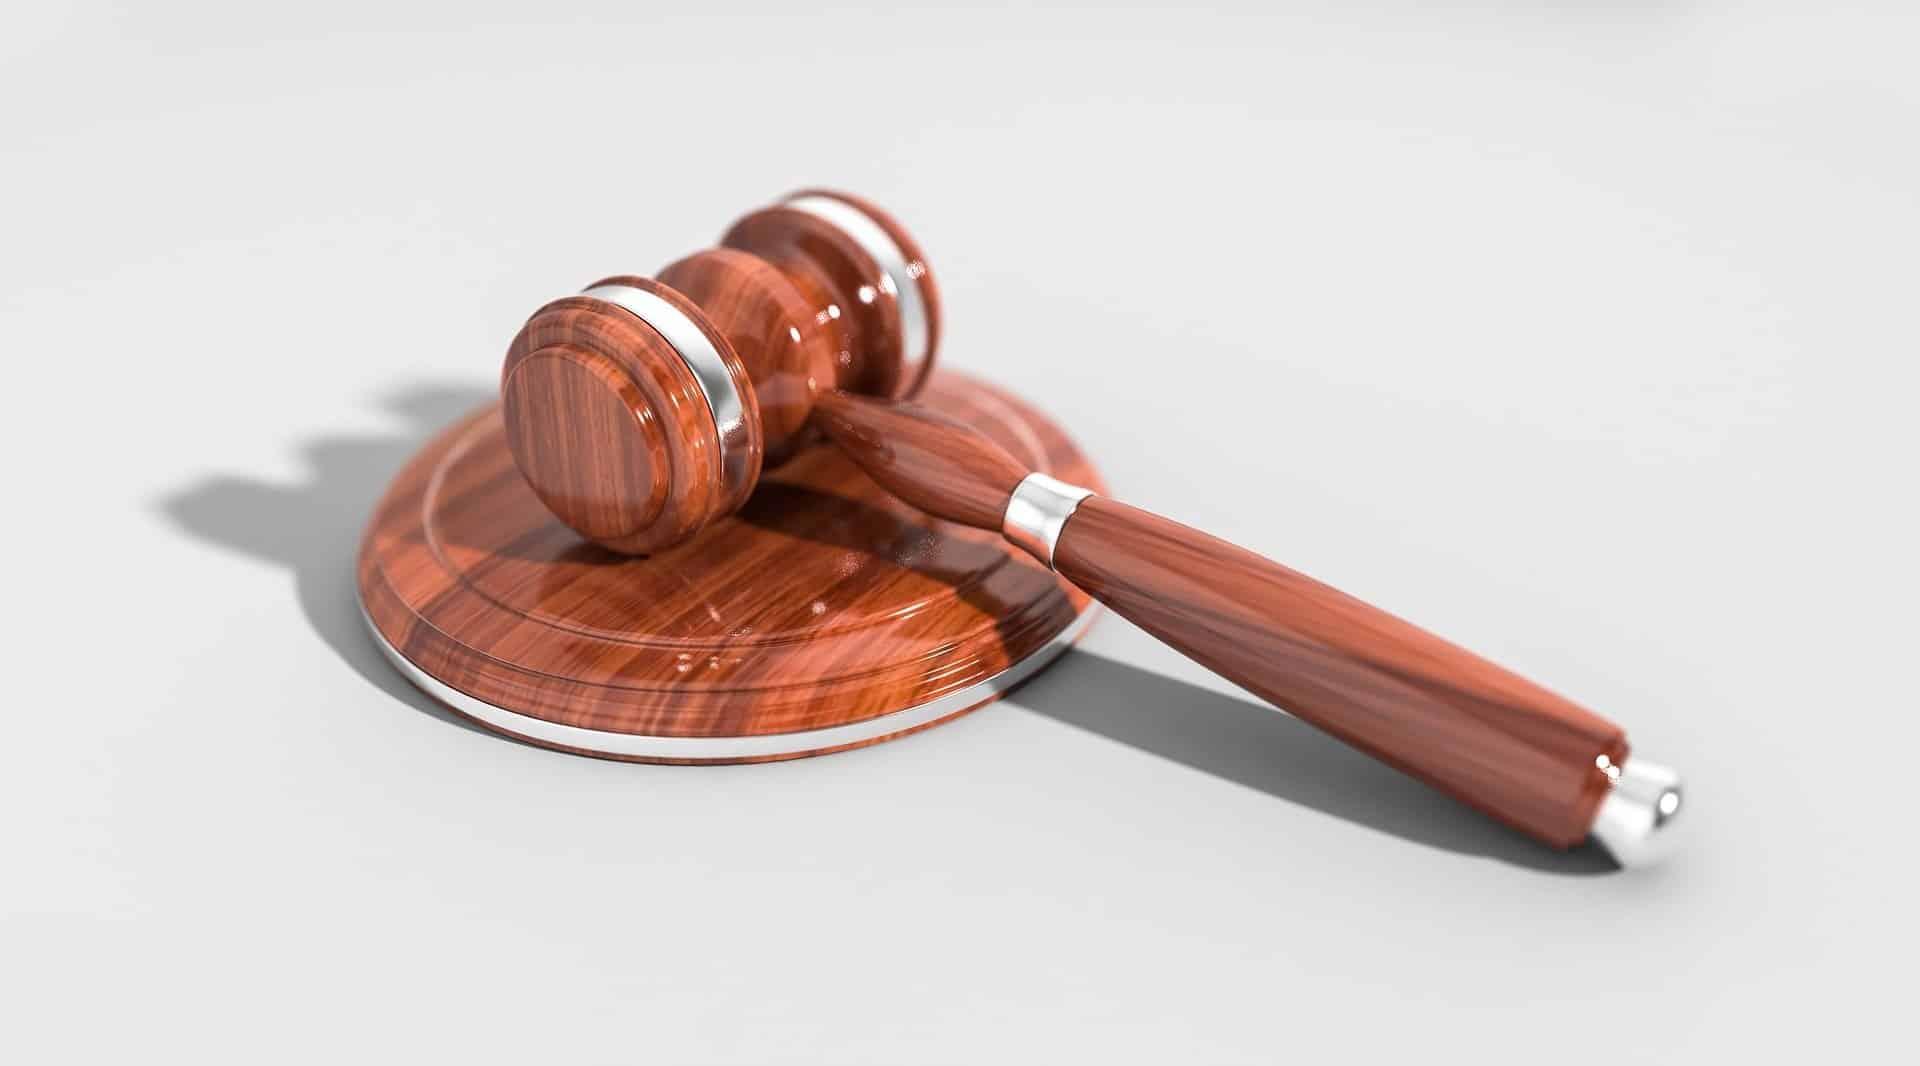 Karnataka High Court quashes Amazon, Flipkart plea against CCI probe